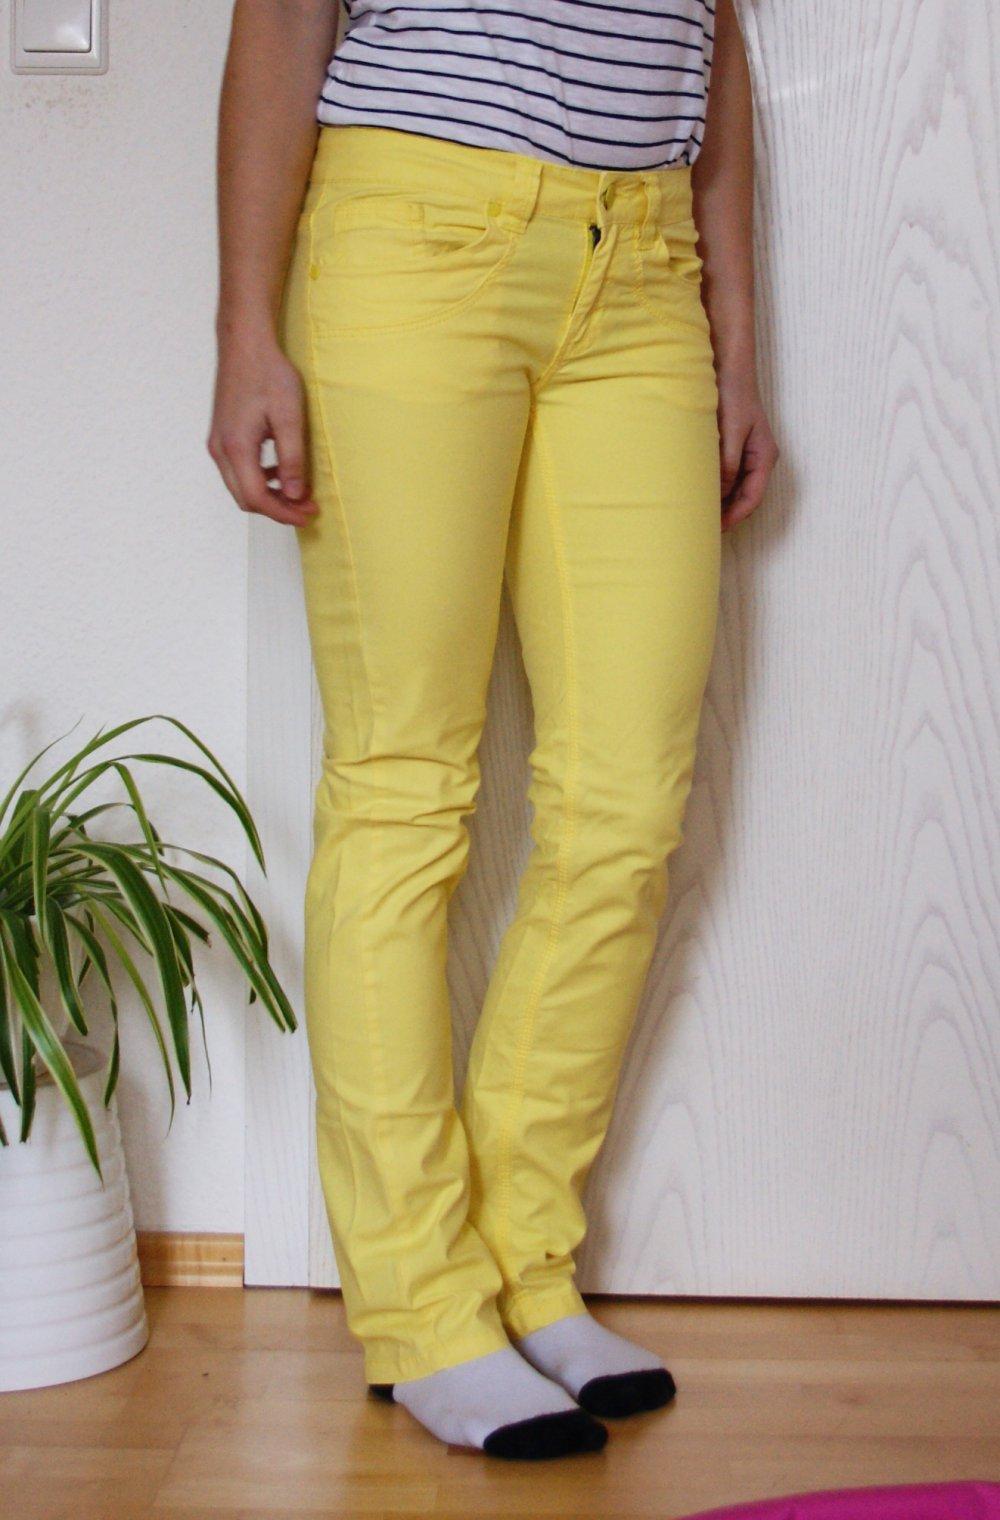 verschiedene Arten von auf großhandel wie man wählt Gelbe Hose / Jeans von We, Größe 34